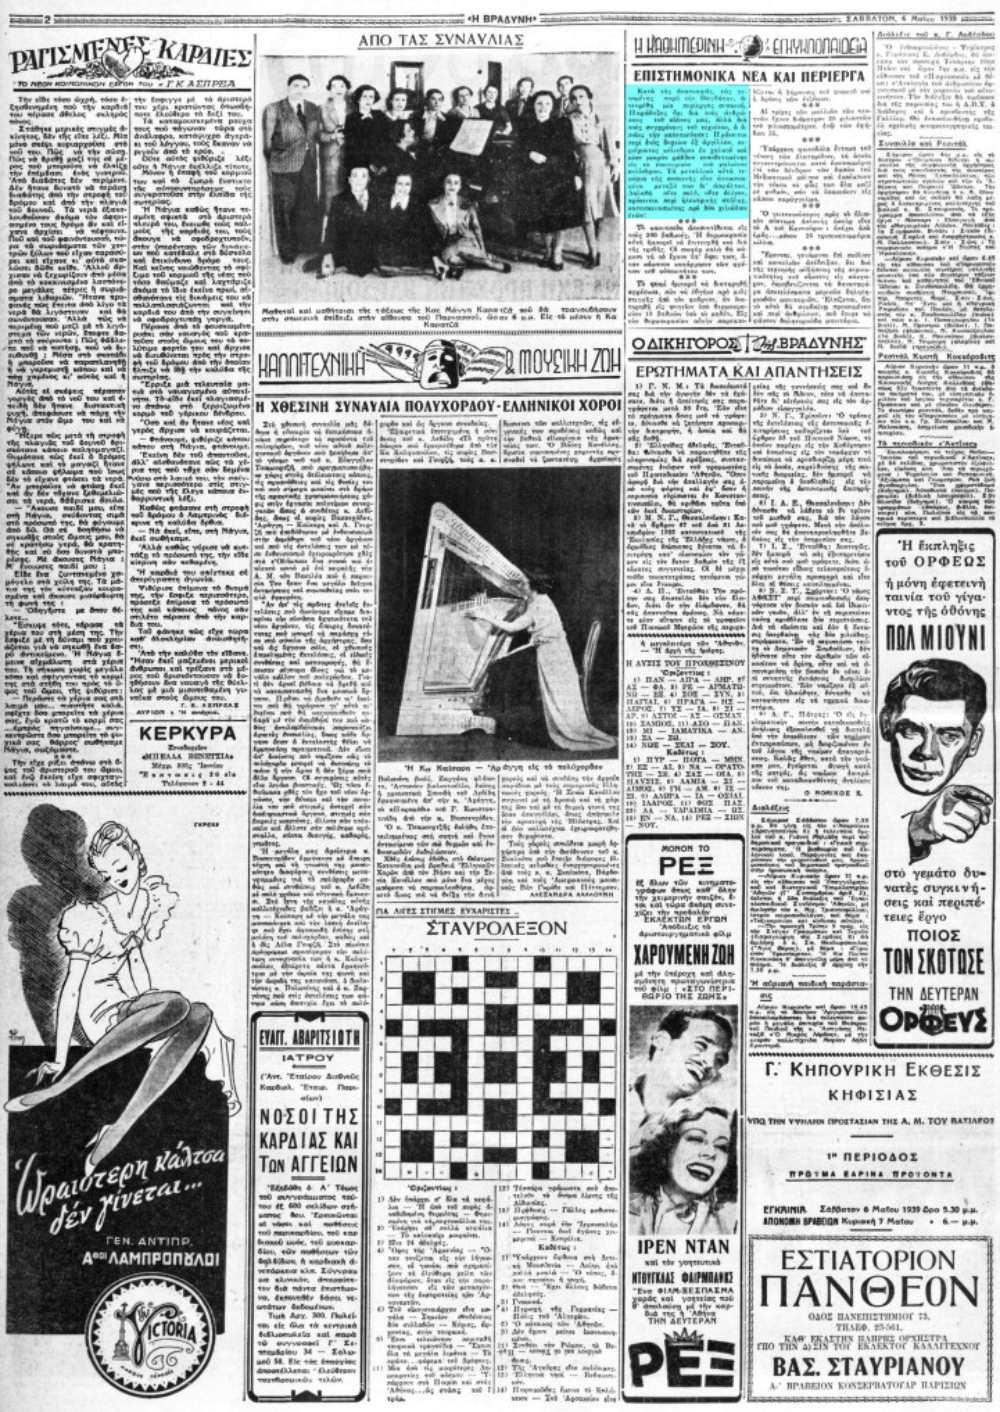 """Το άρθρο, όπως δημοσιεύθηκε στην εφημερίδα """"Η ΒΡΑΔΥΝΗ"""", στις 06/05/1939"""